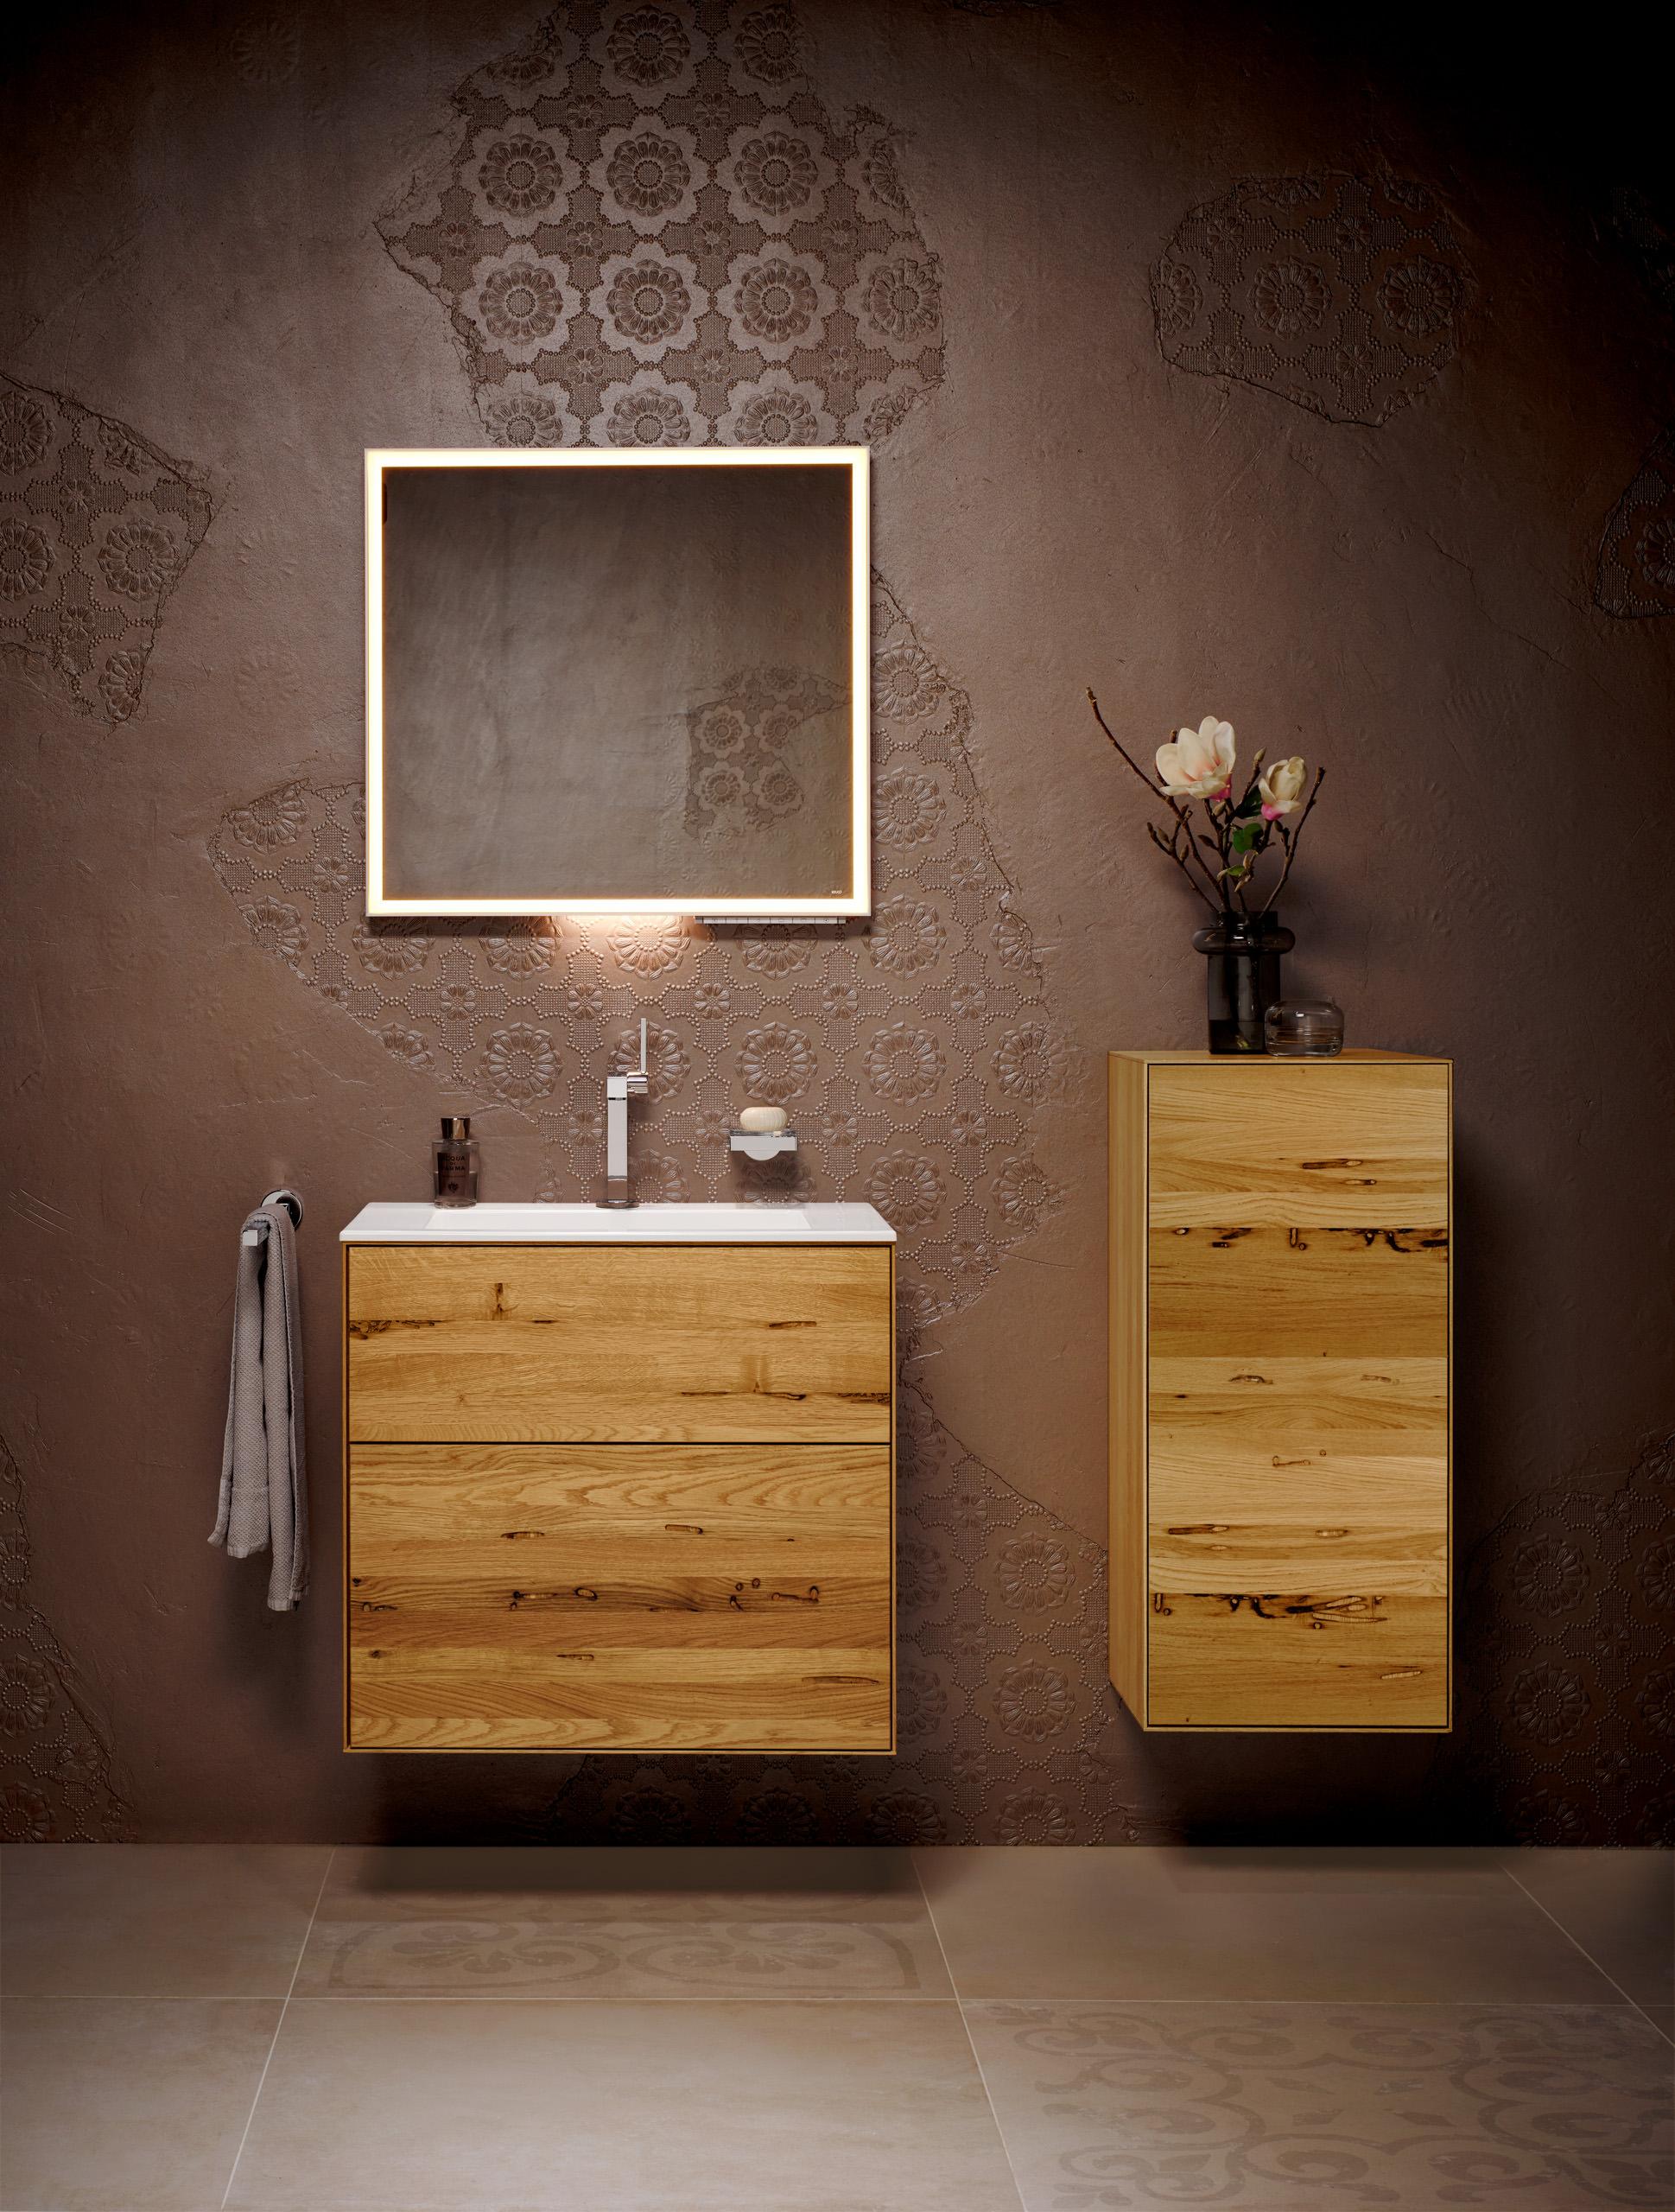 Das Ergebnis aus traditioneller Handwerkskunst von TEAM 7 und der erstklassigen Badkompetenz von KEUCO.